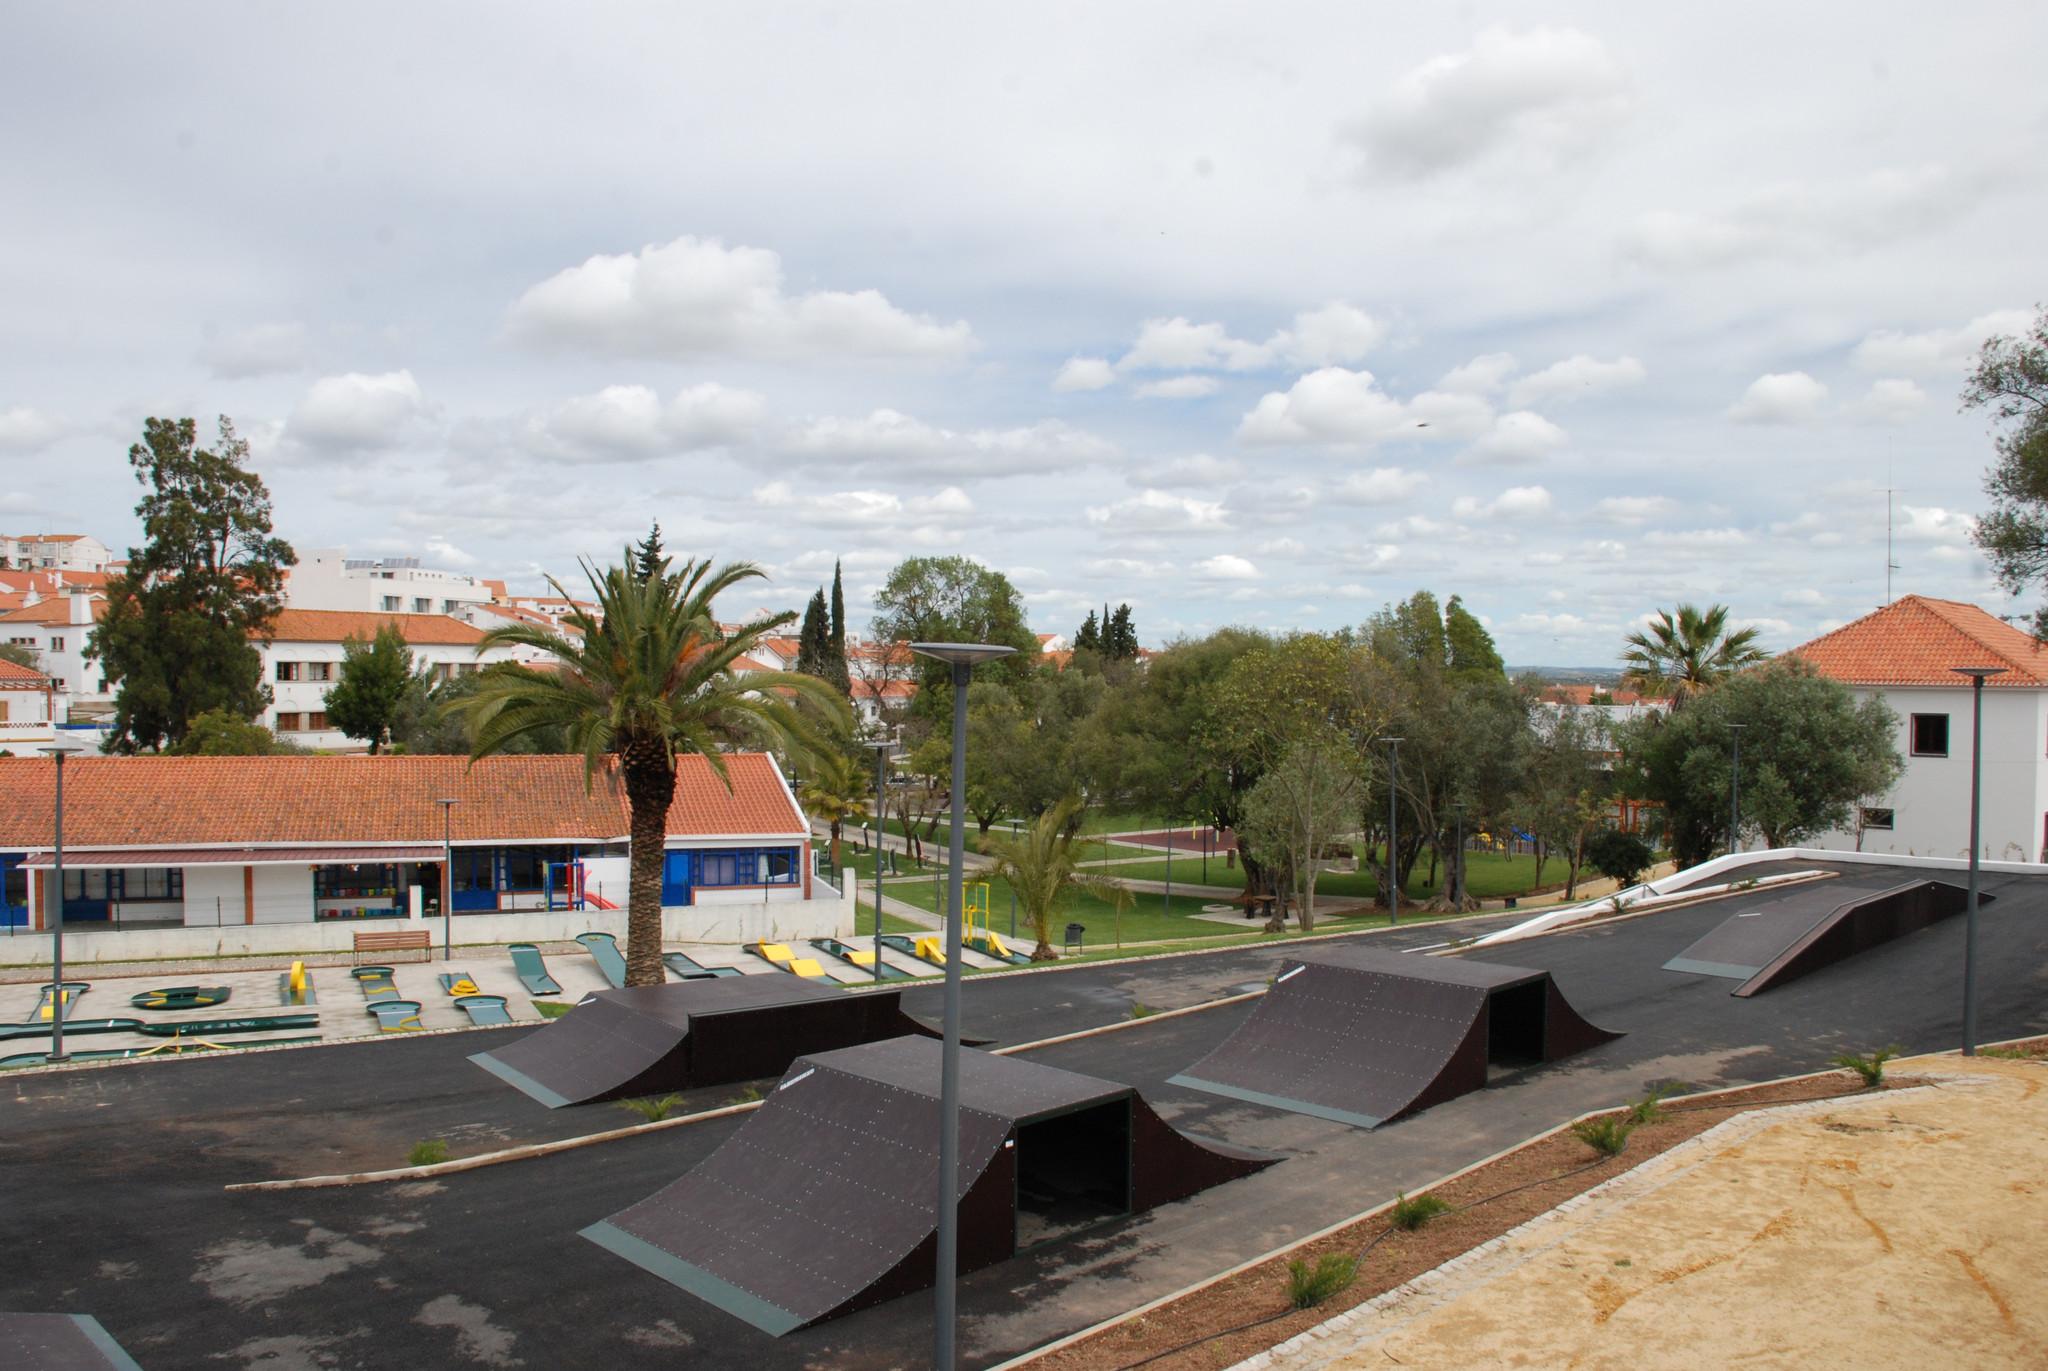 Parque da Vila Aljustrel _DSC1280.JPG